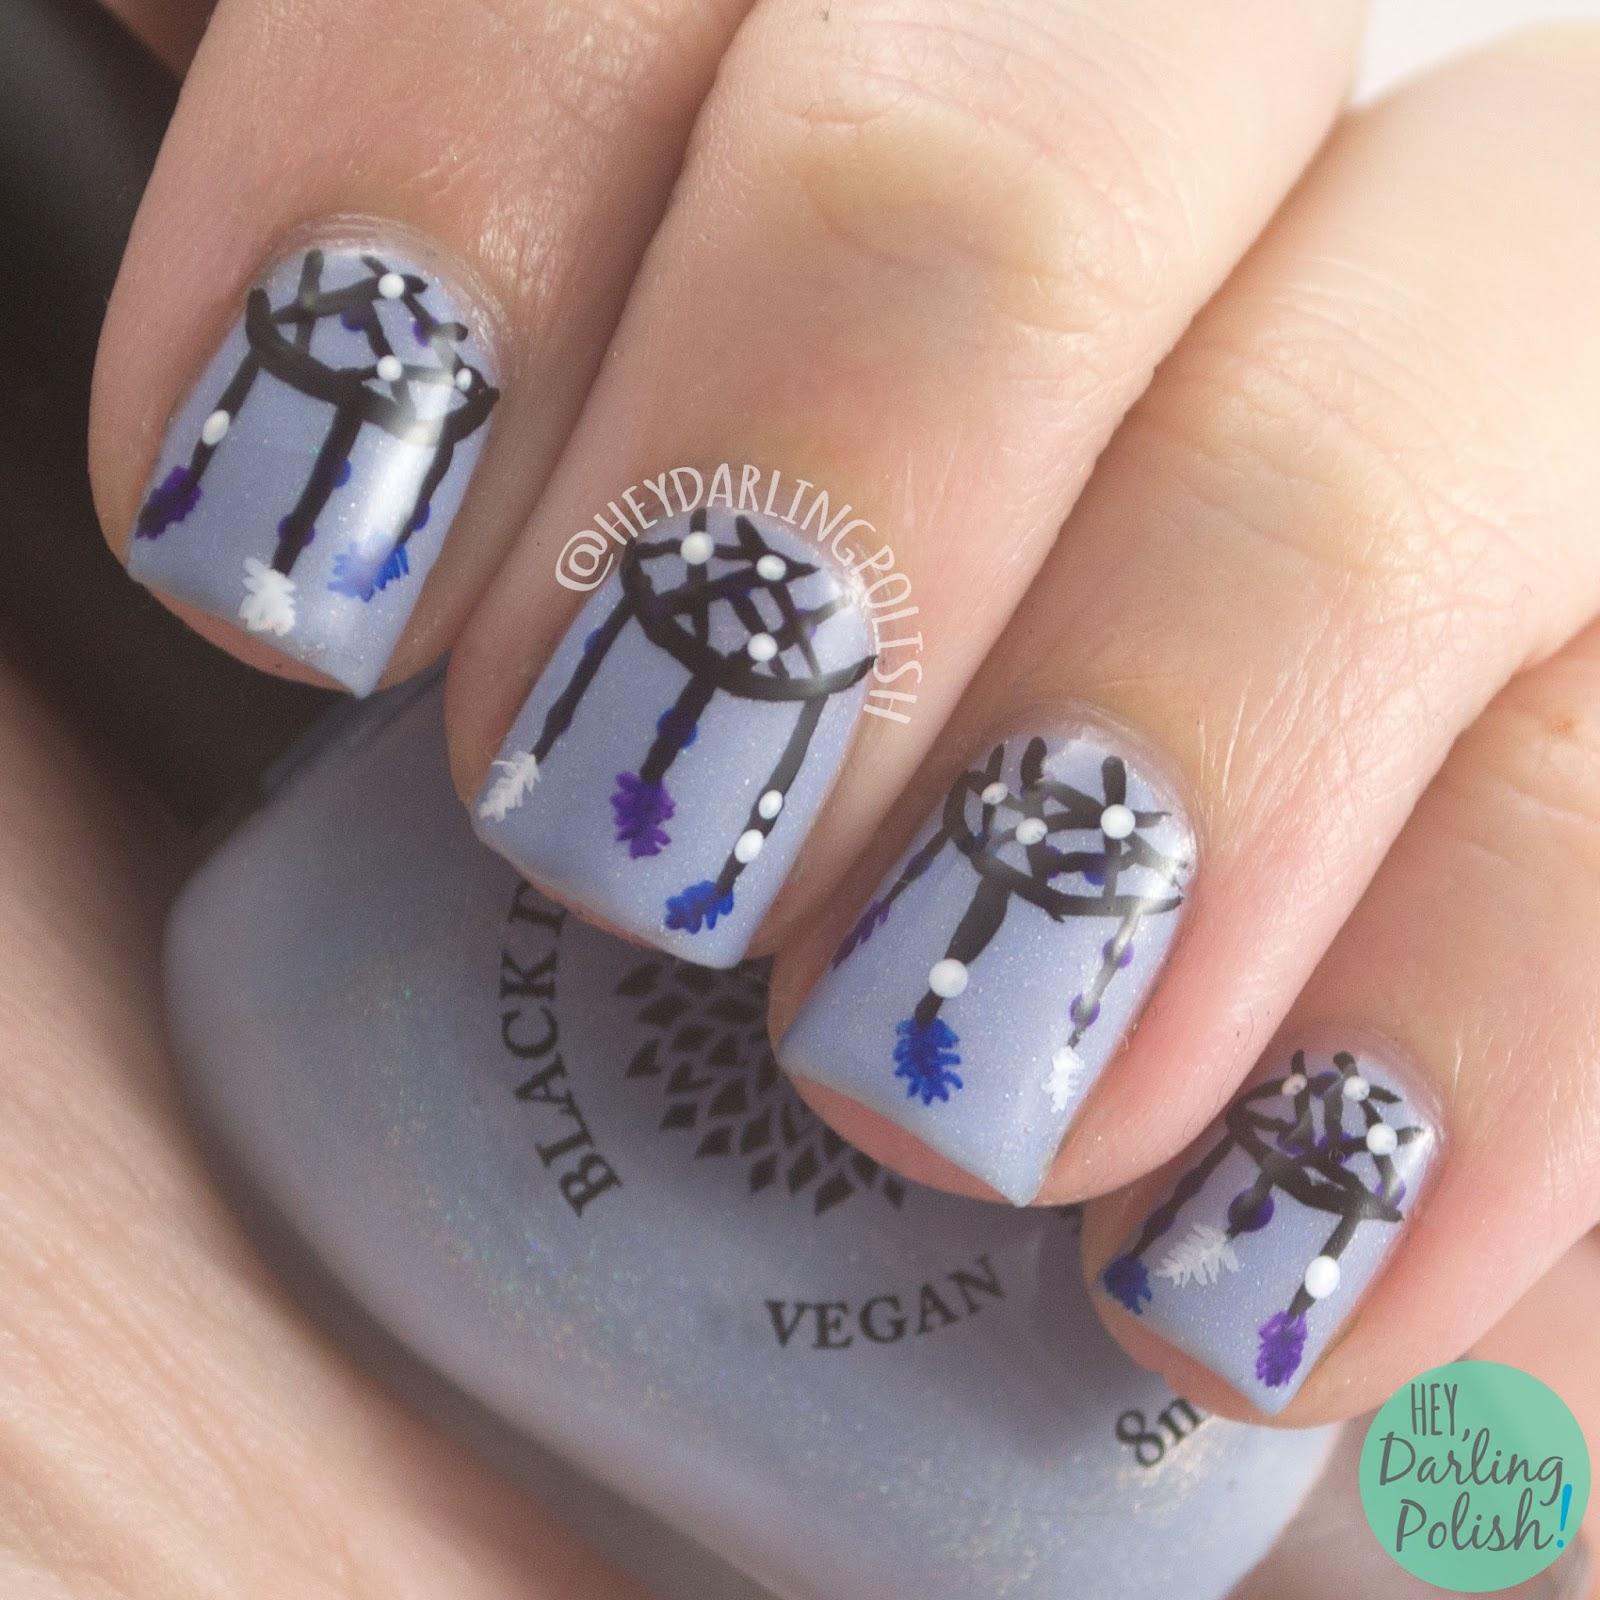 nails, nail art, nail polish, dreamcatchers, hey darling polish, naillinkup, nail art ideas linkup